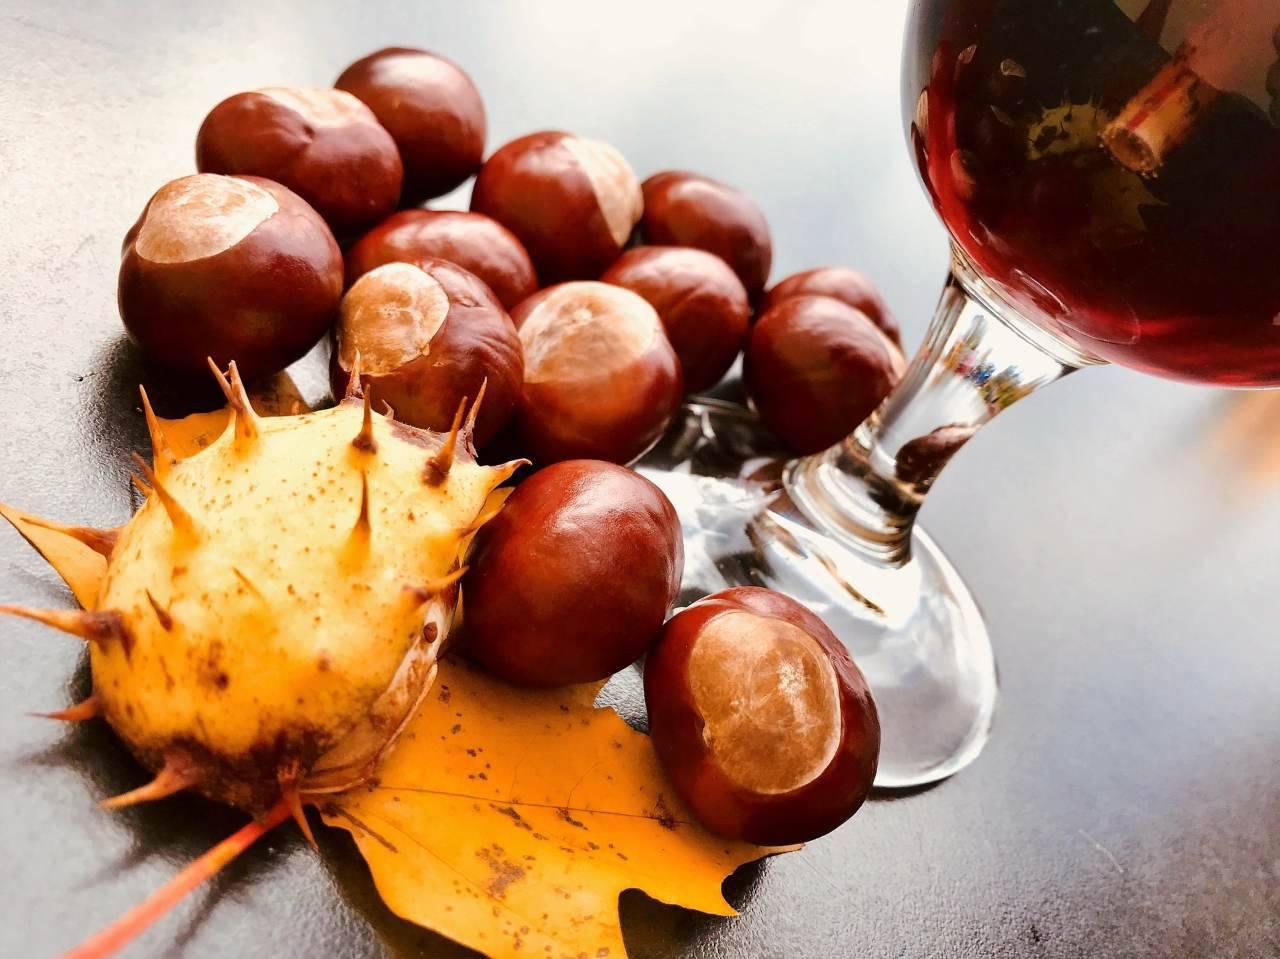 Castagne al vino: in questo modo non le hai mai preparate